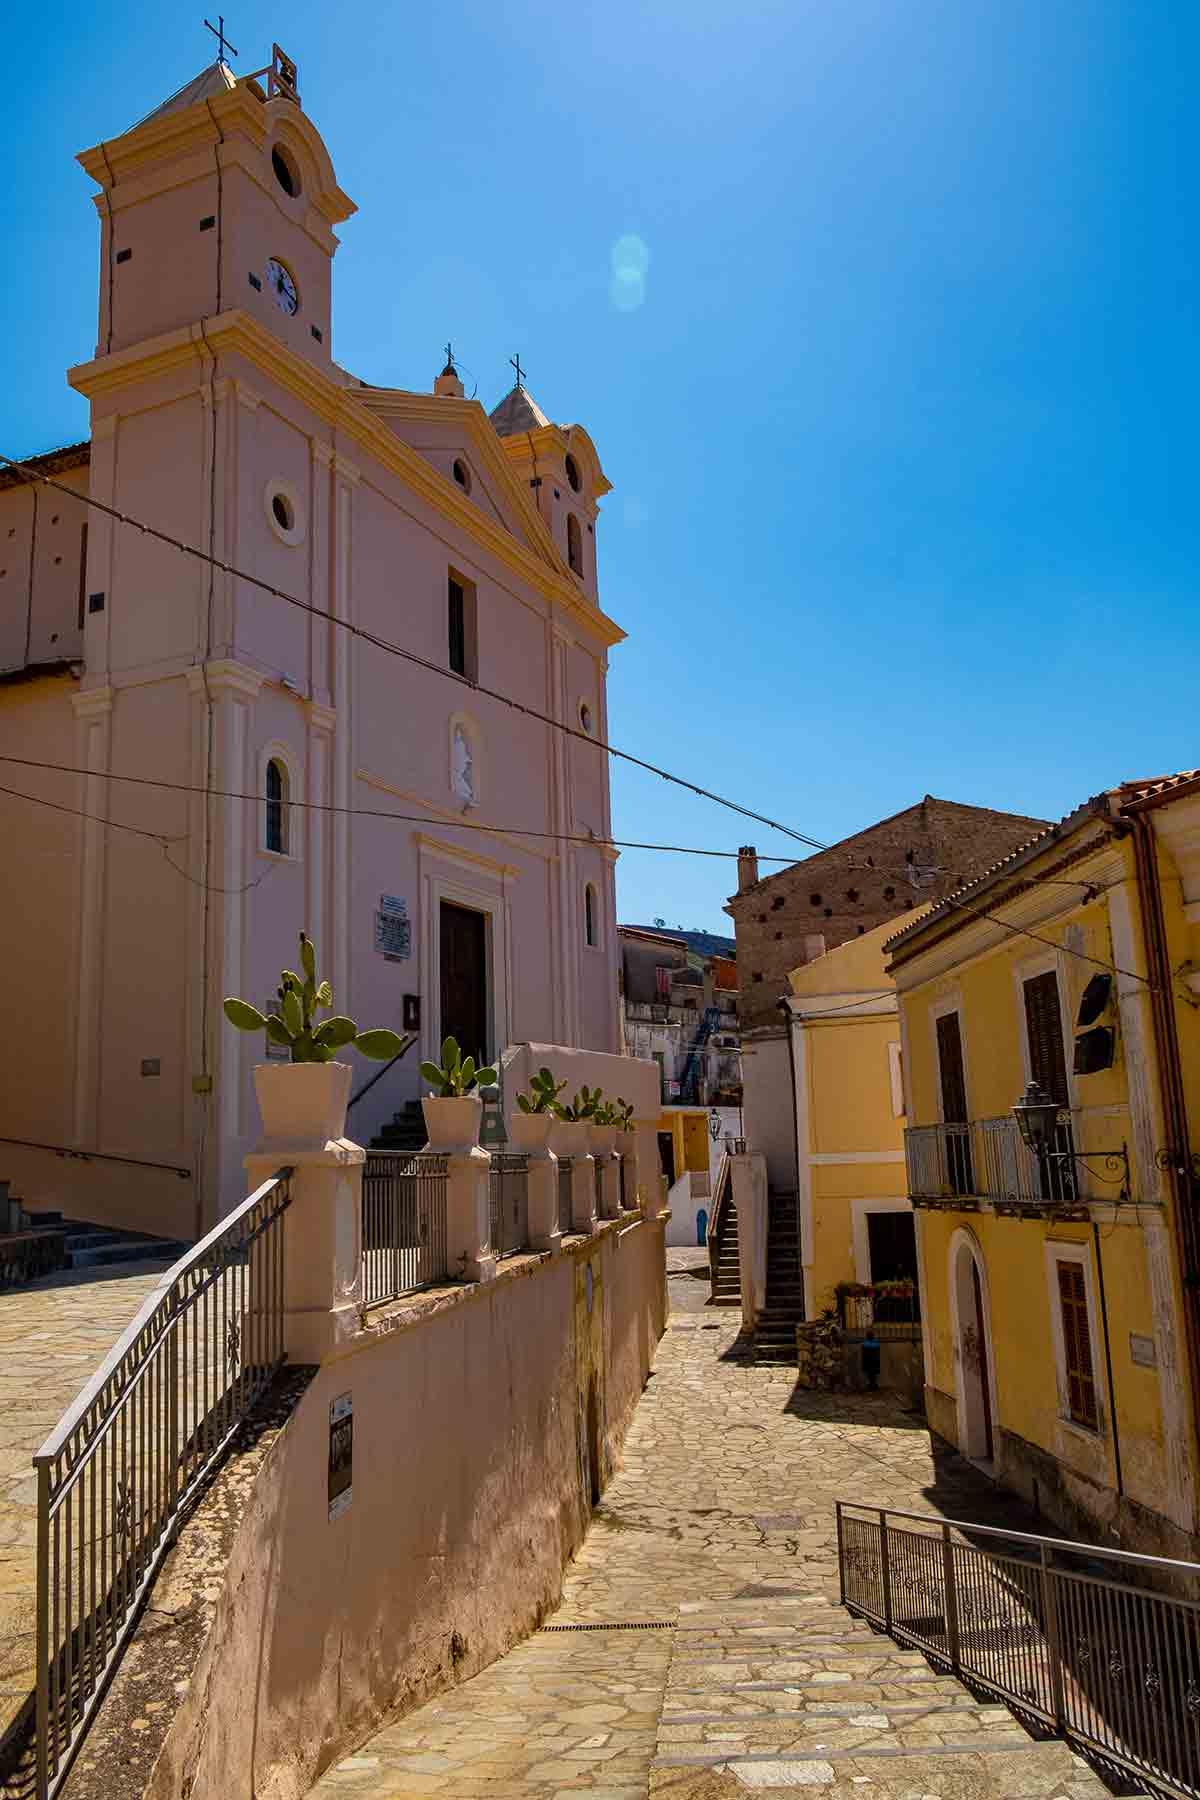 Chiesa San Nicola da Tolentino - San Nicola Arcella